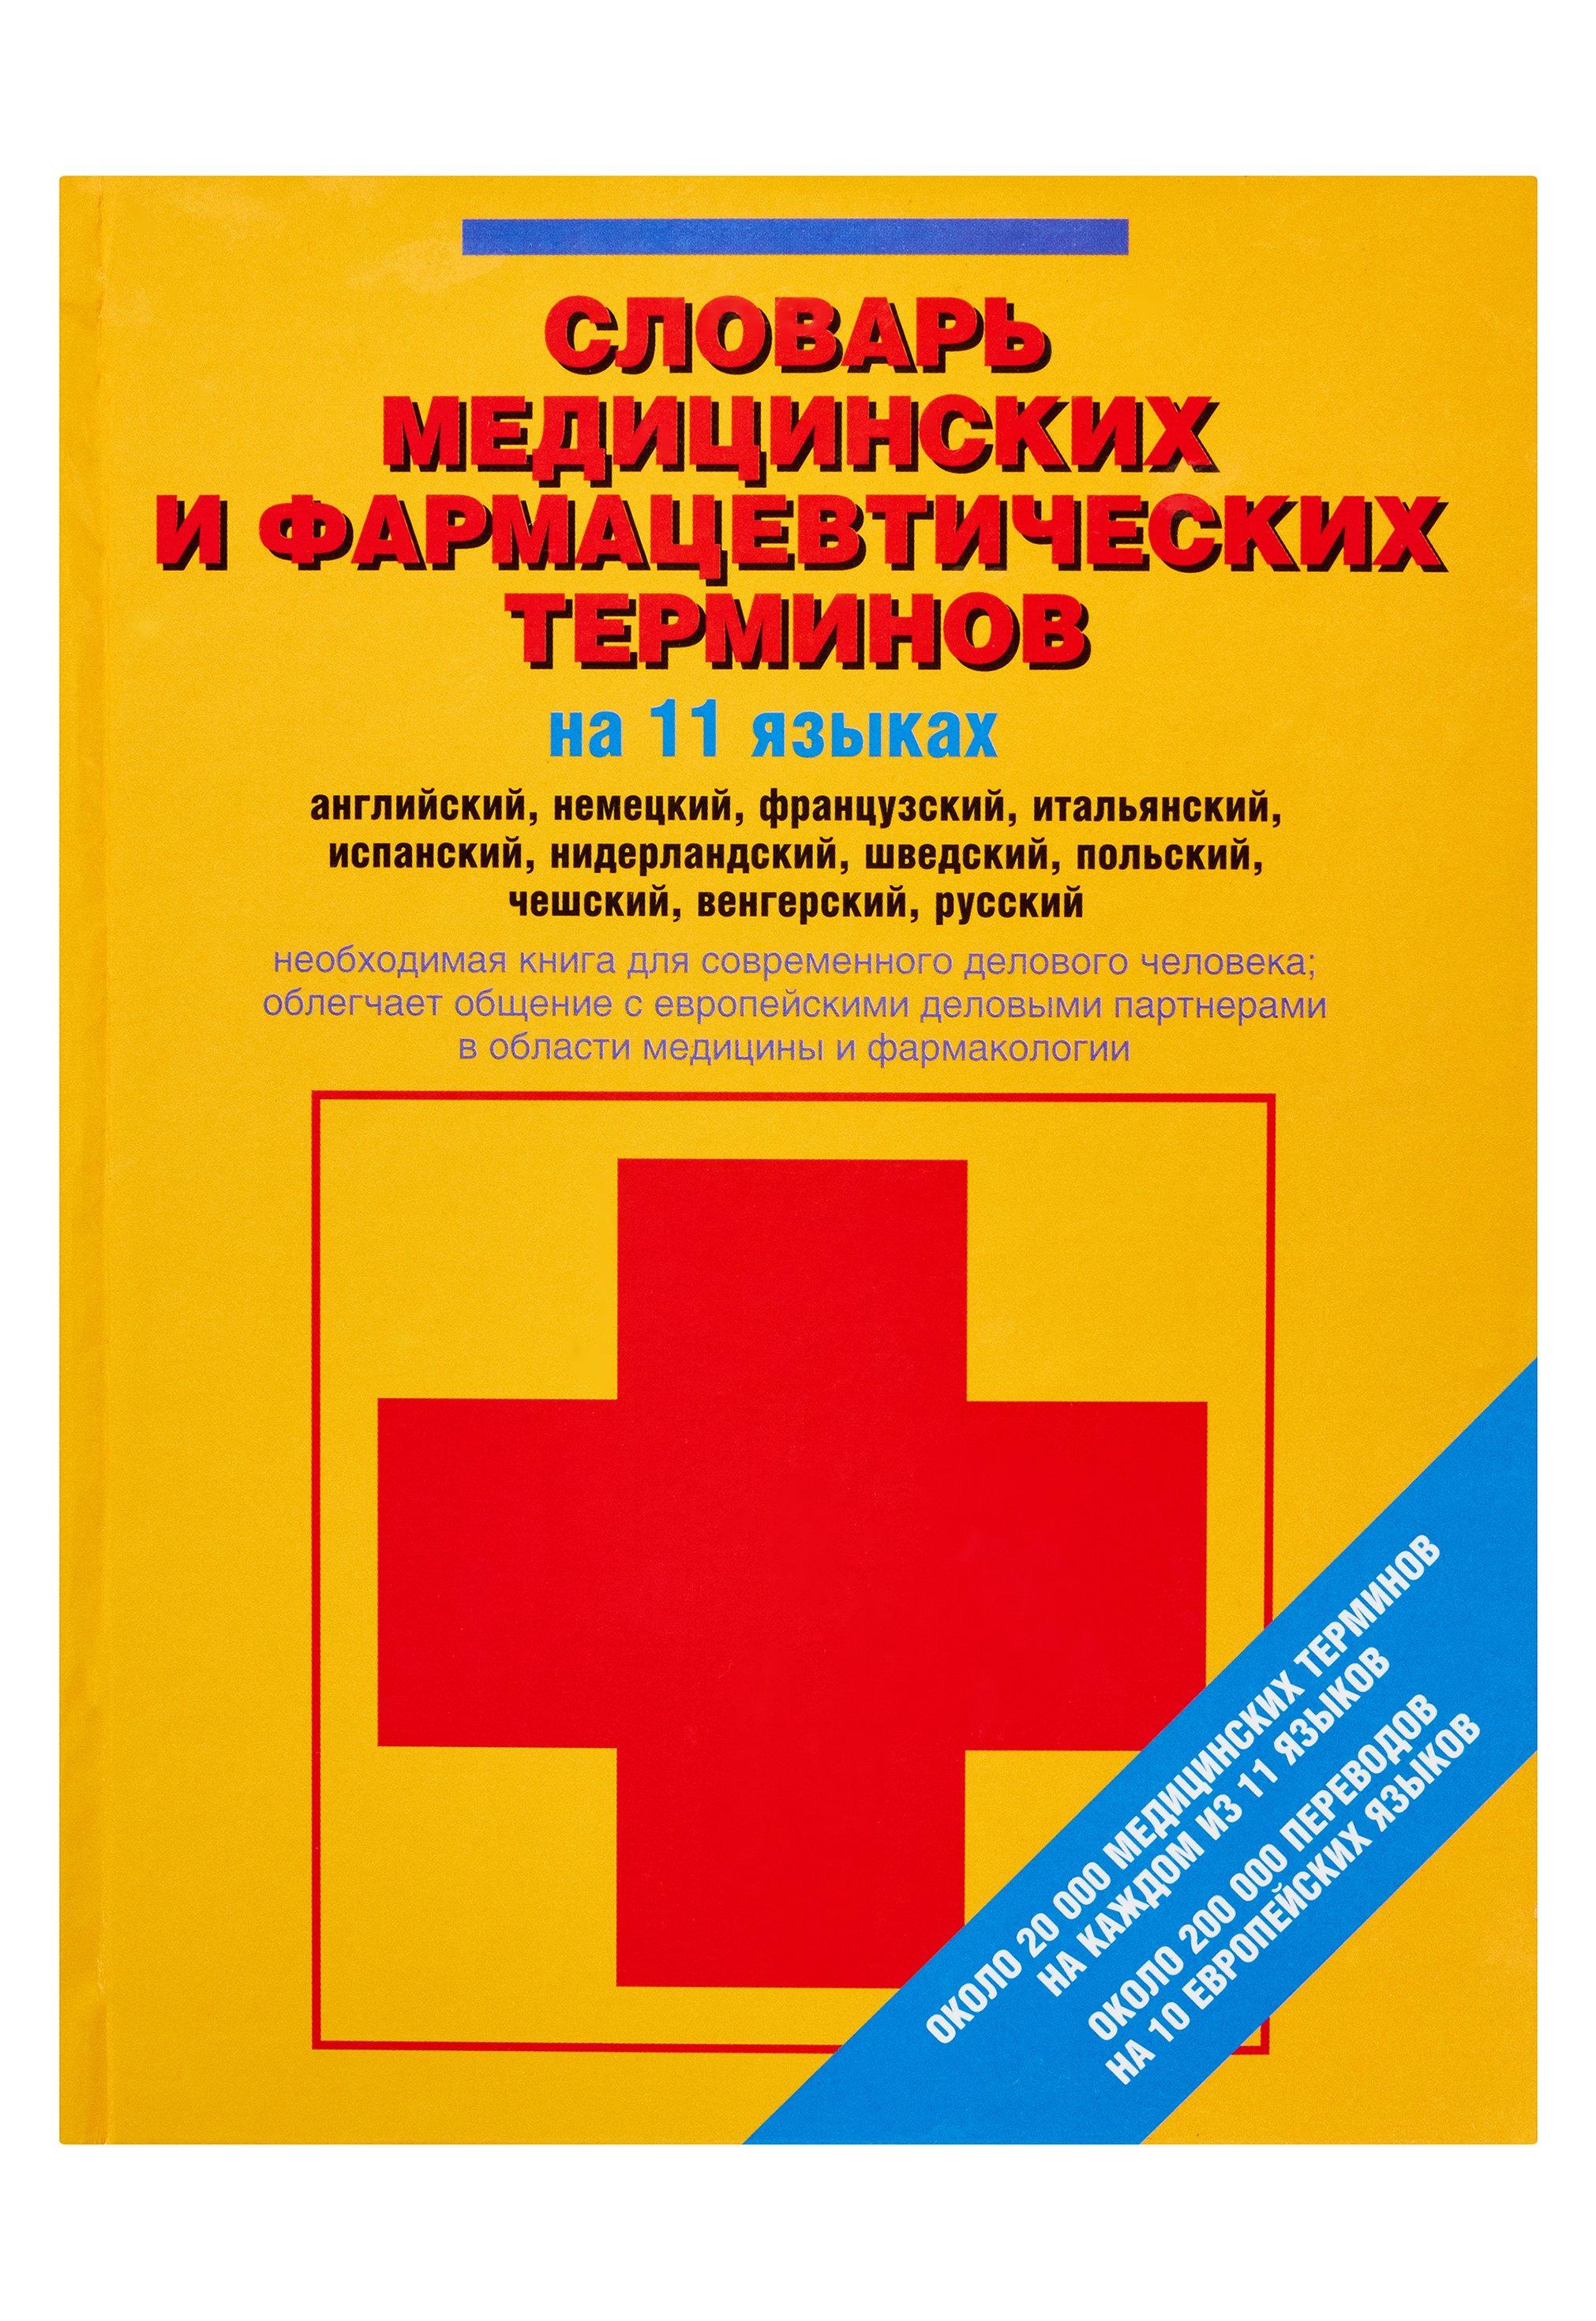 Словарь медицинских и фармацевтических терминов на 11 языках